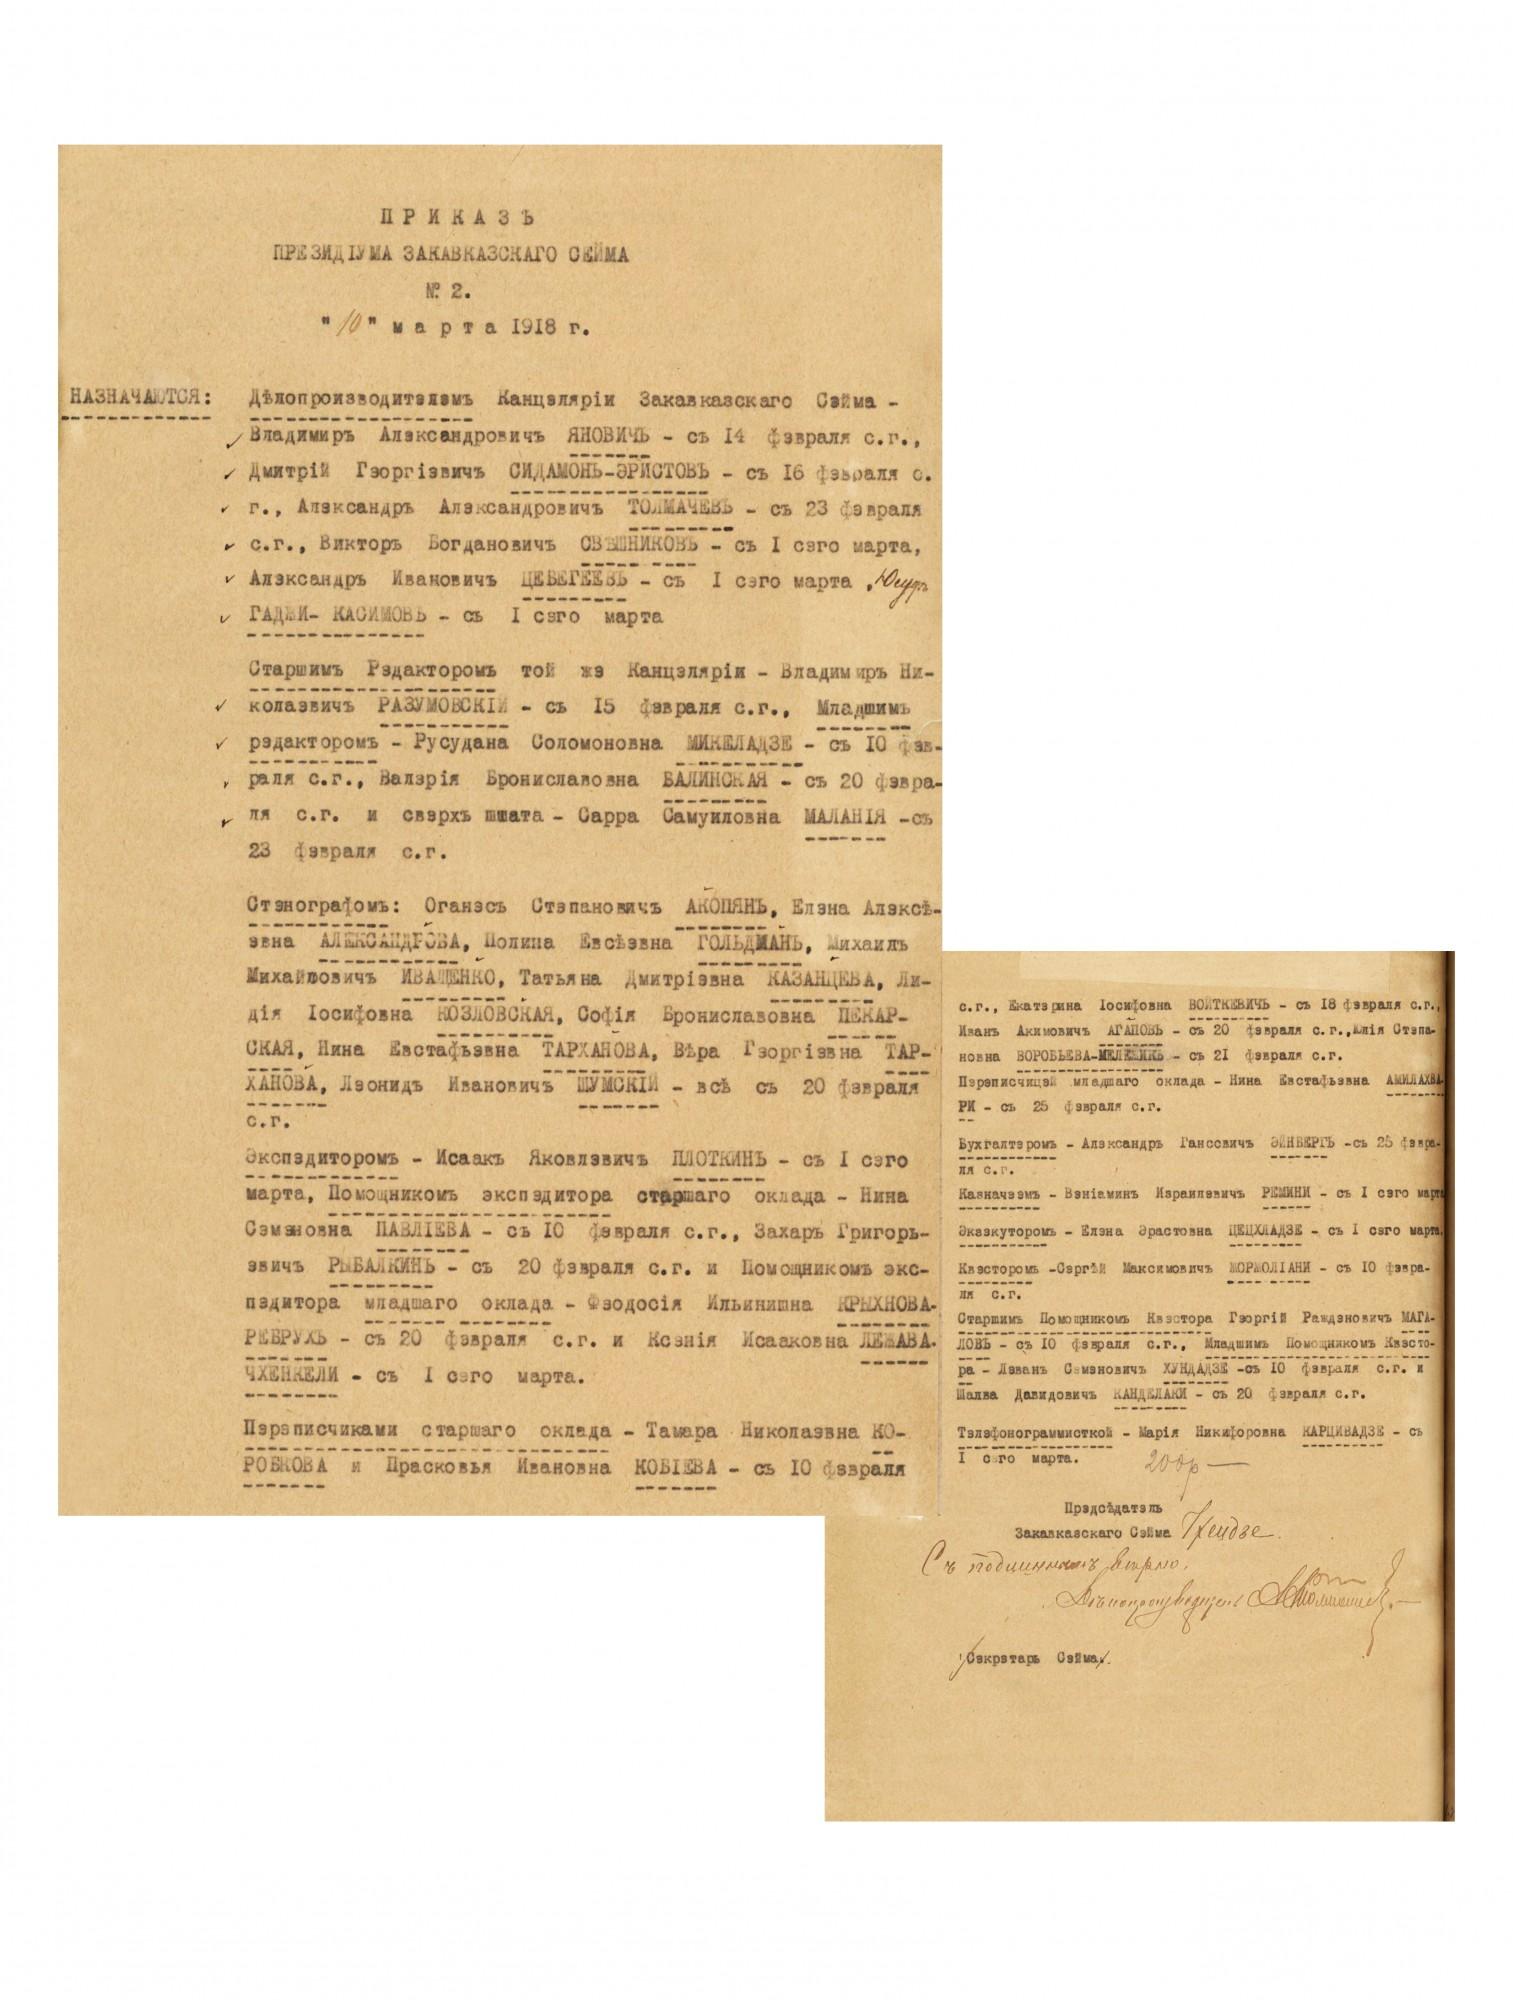 ამიერკავკასიის სეიმის ტექნიკური პერსონალის სია. <br> 1918 წელი. <br>  List of the technical staff of the Transcaucasian Sejm. <br> 1918.